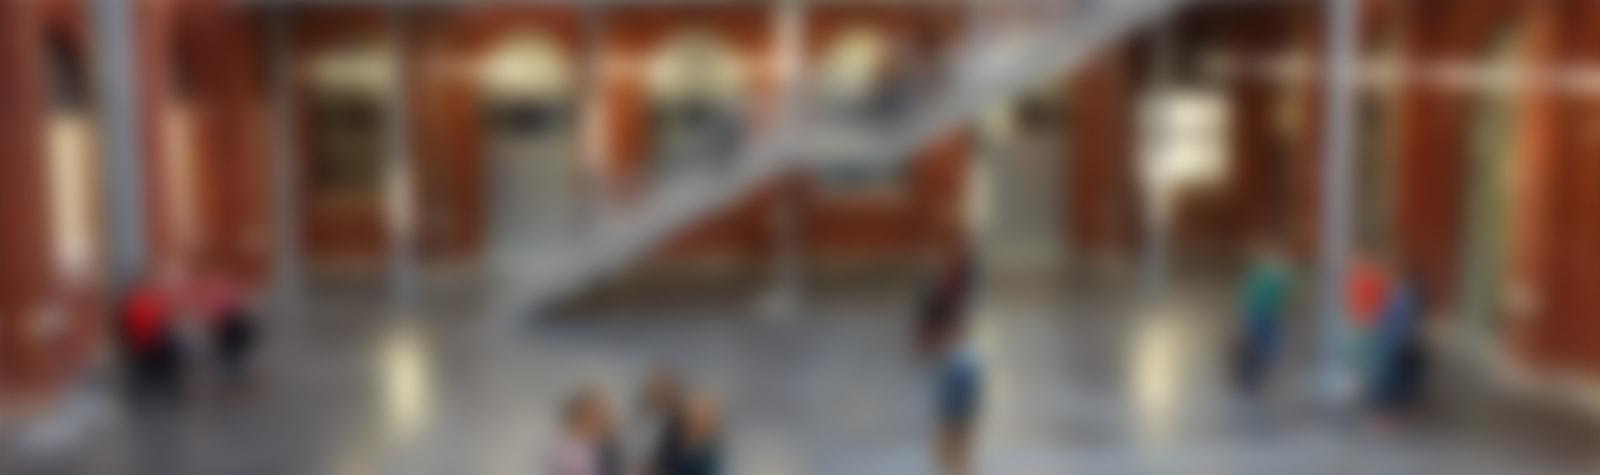 Les écoles de la FESIC ouvrent leurs portes en janvier 2020 !